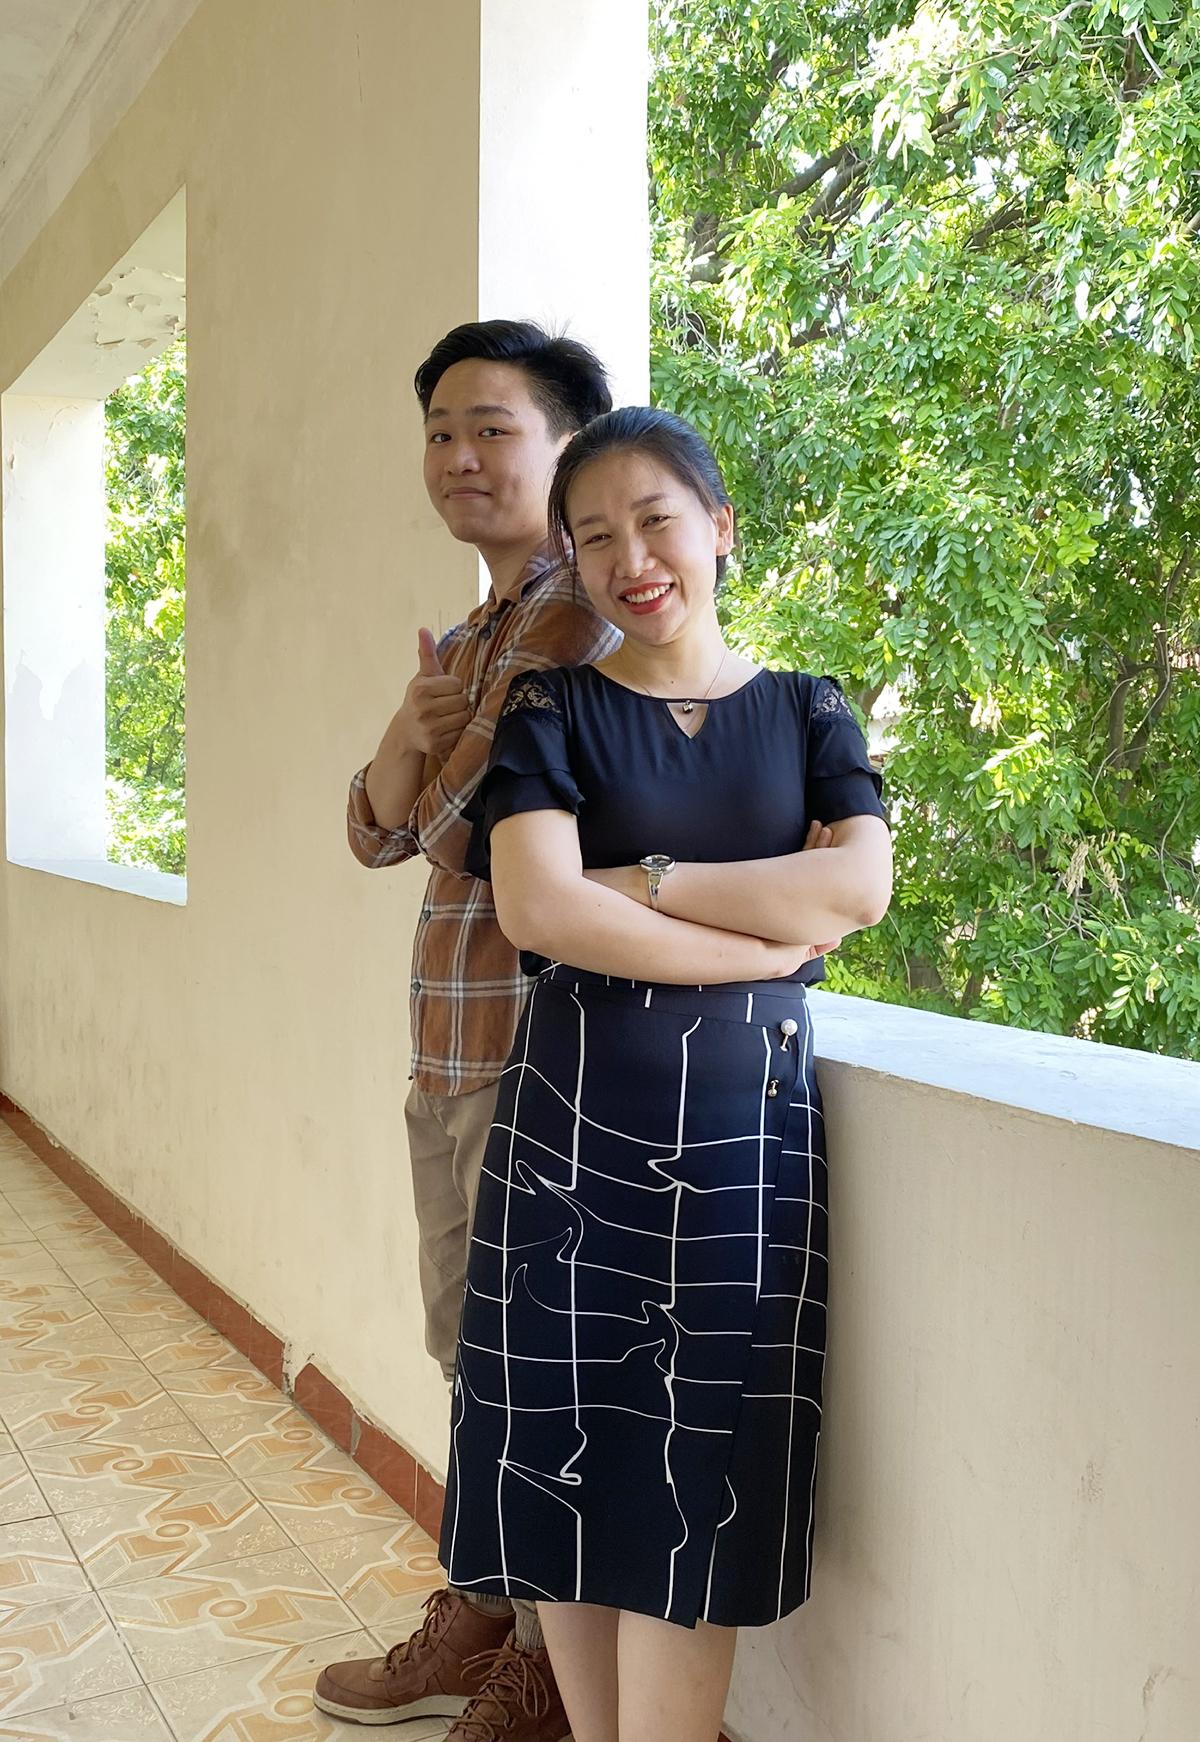 Cô Huyền (trong ảnh) cho biết Hà là học trò chuyên Lý đầu tiên của trường THPT chuyên Khoa học tự nhiên giành huy chương quốc tế môn Sinh học. Ảnh: Nhân vật cung cấp.